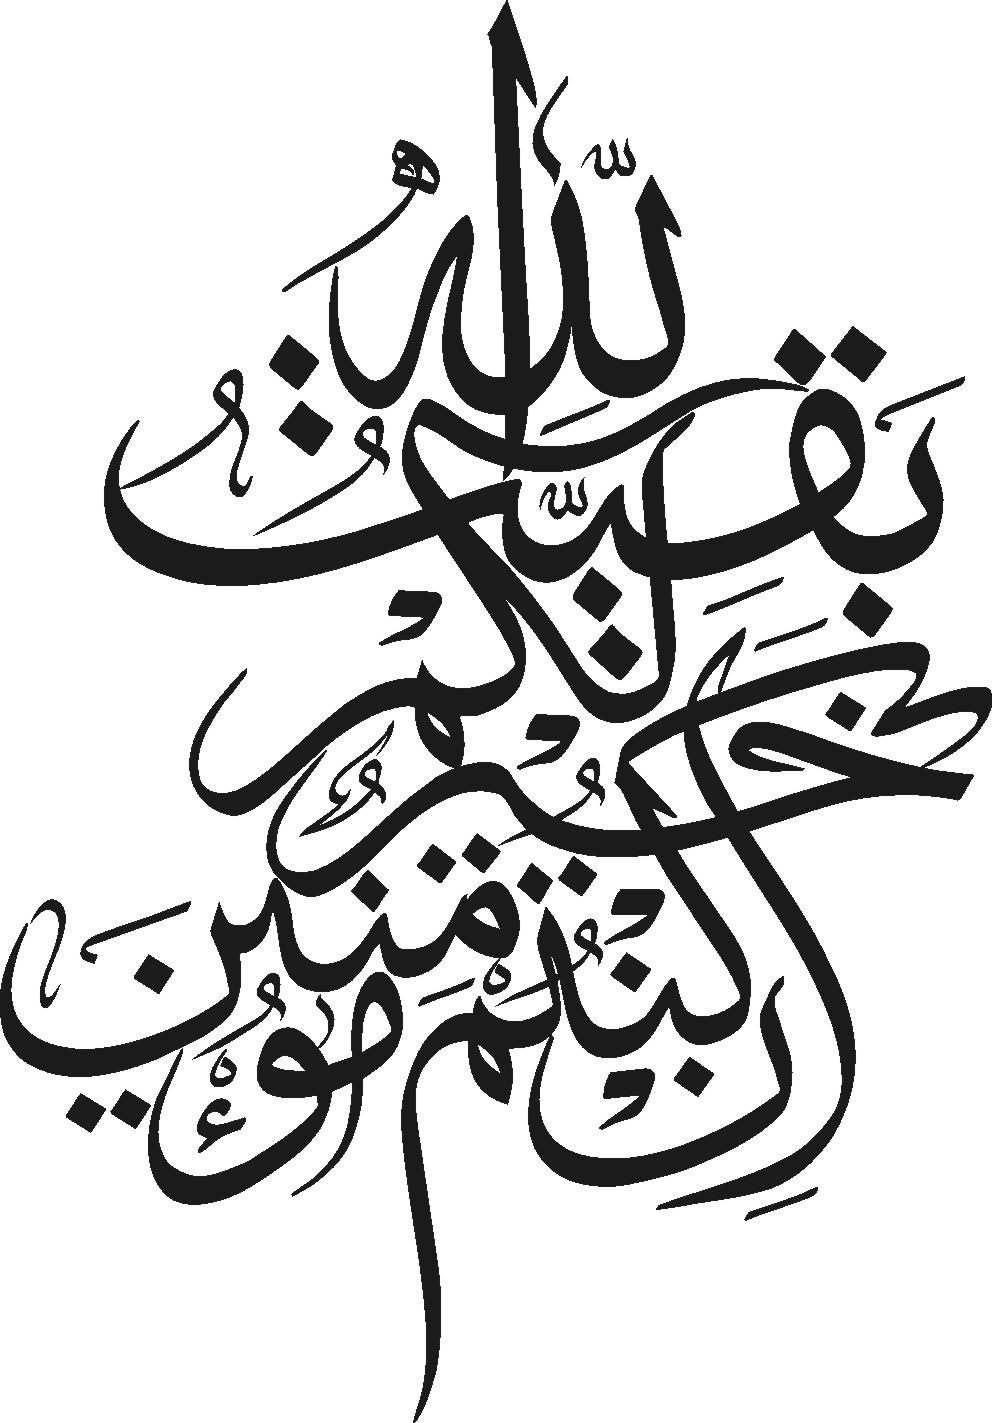 چرا به امام زمان (عج) بقیة الله میگویند؟ معنای آن چیست؟ + پینوشت